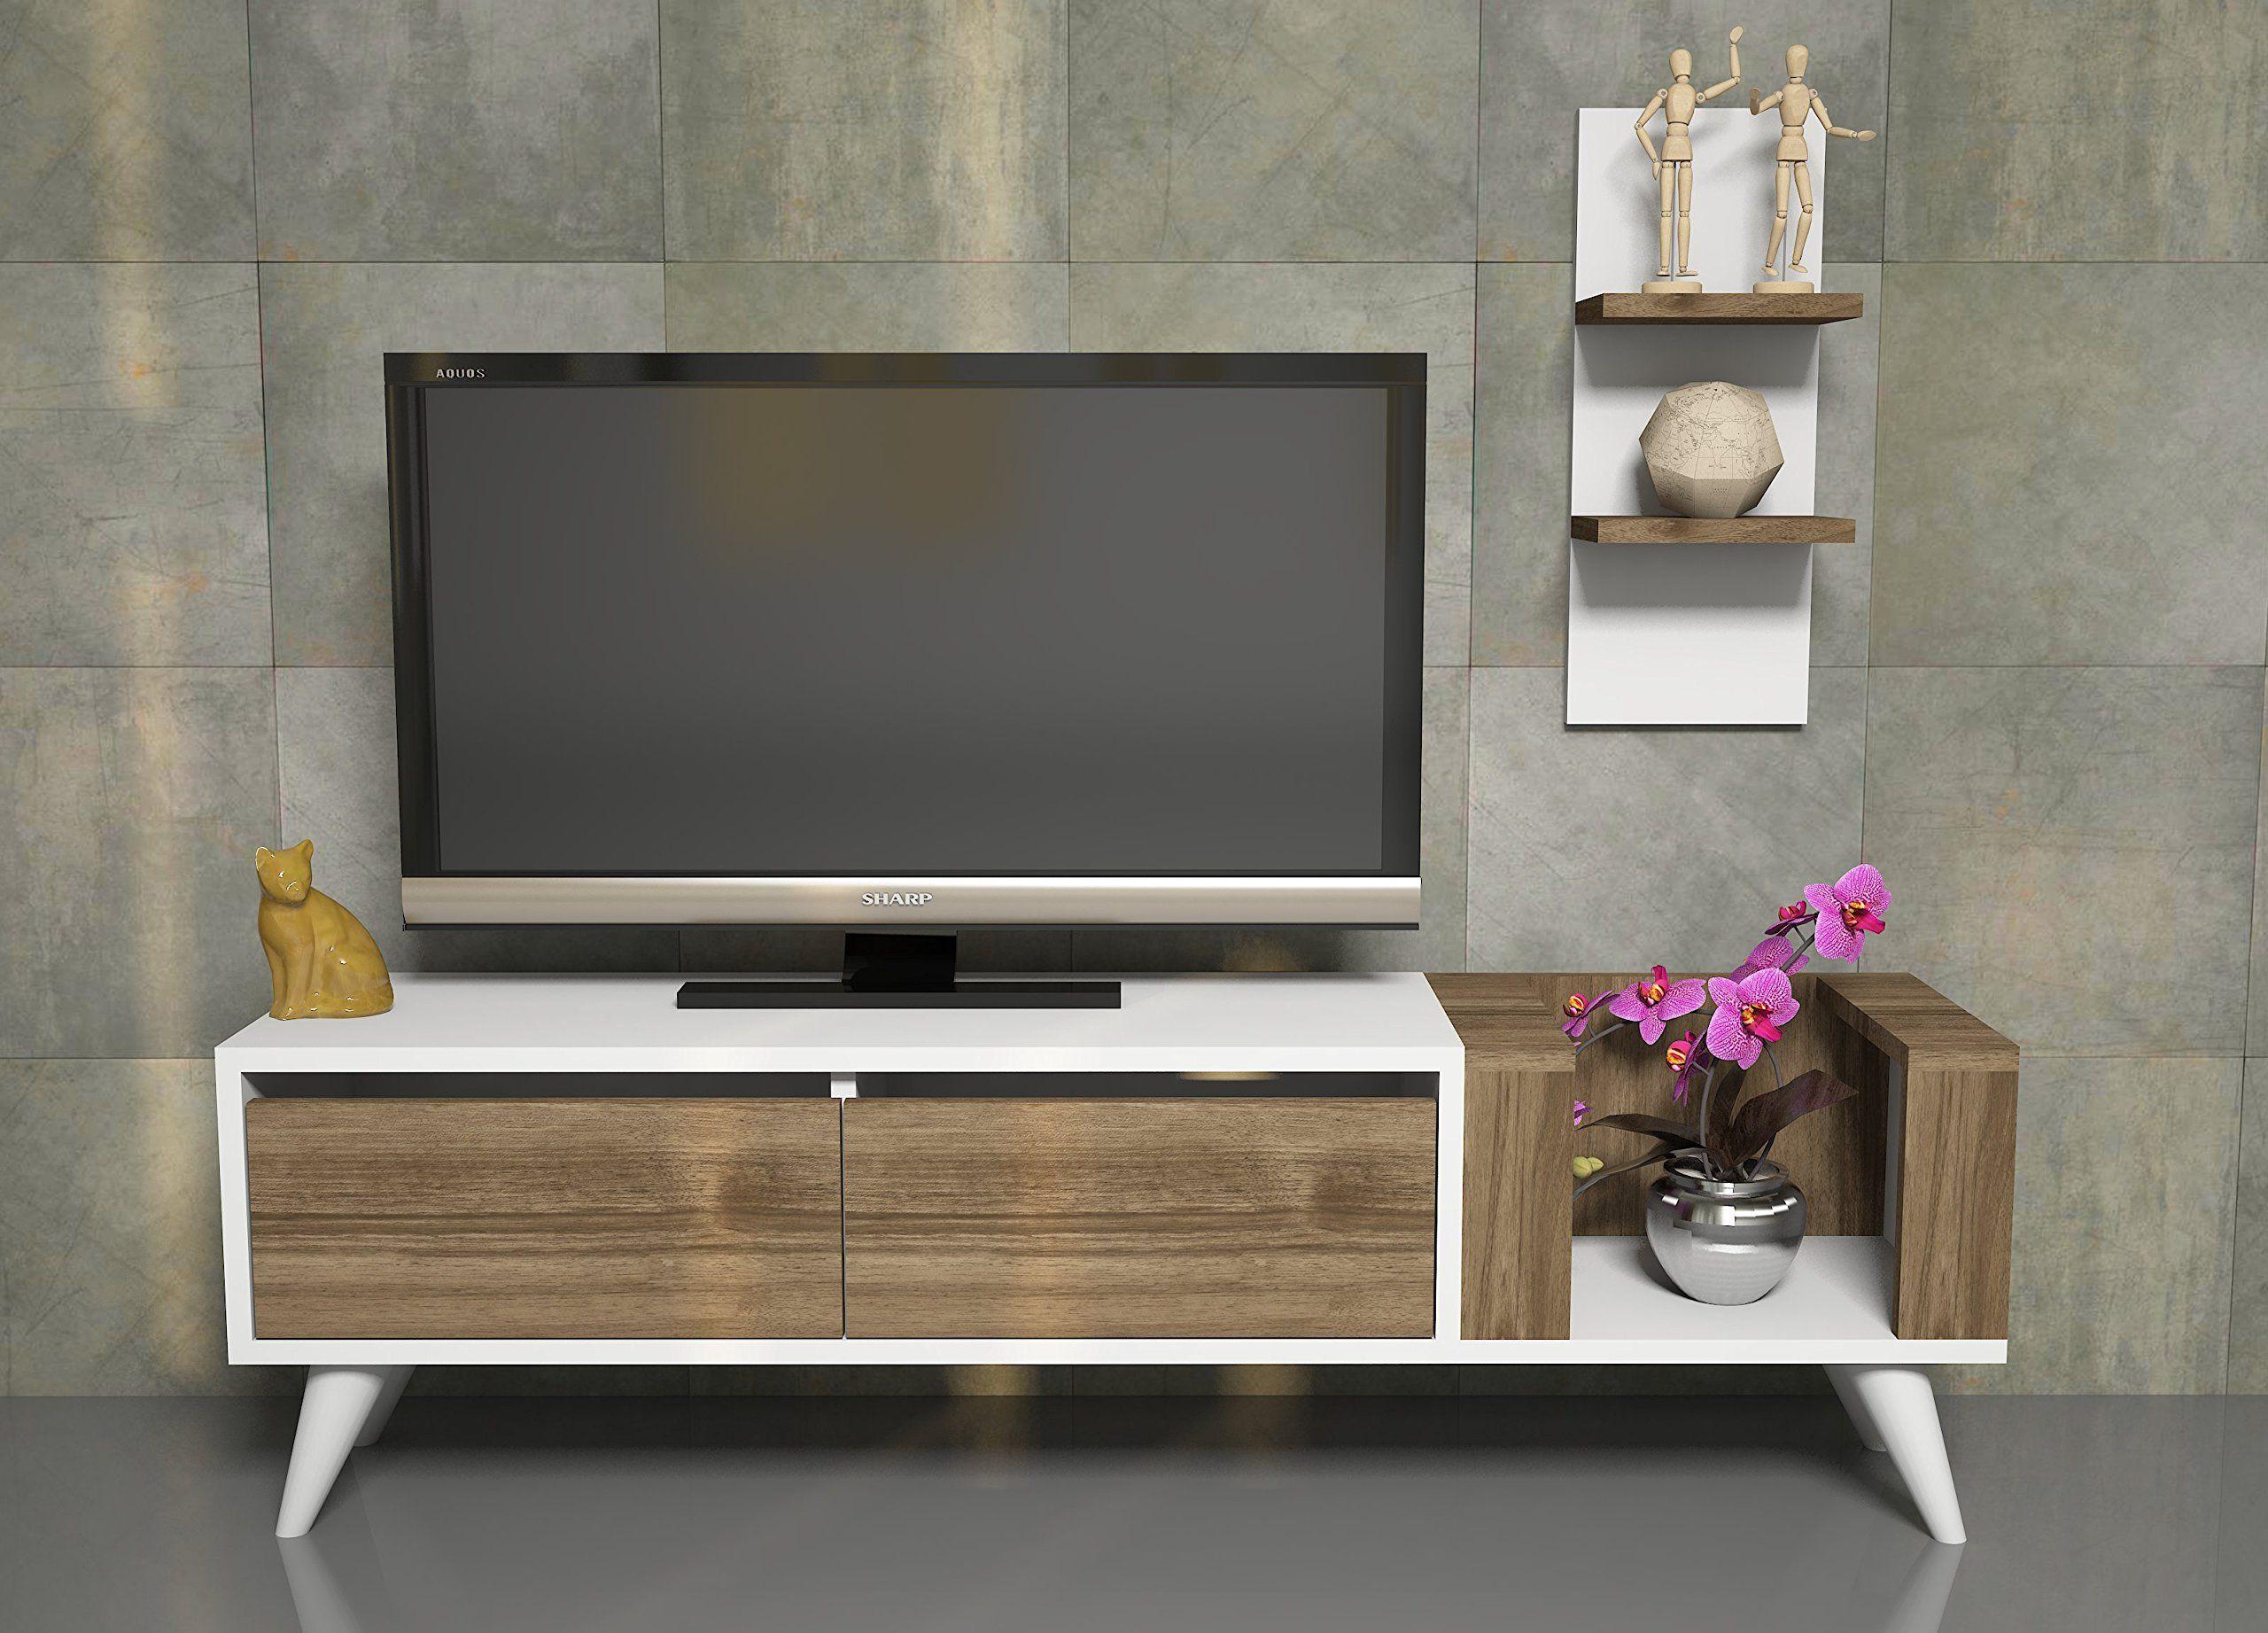 Pers mueble sal n comedor para televisi n con 2 puerta y for Mueble bajo salon blanco